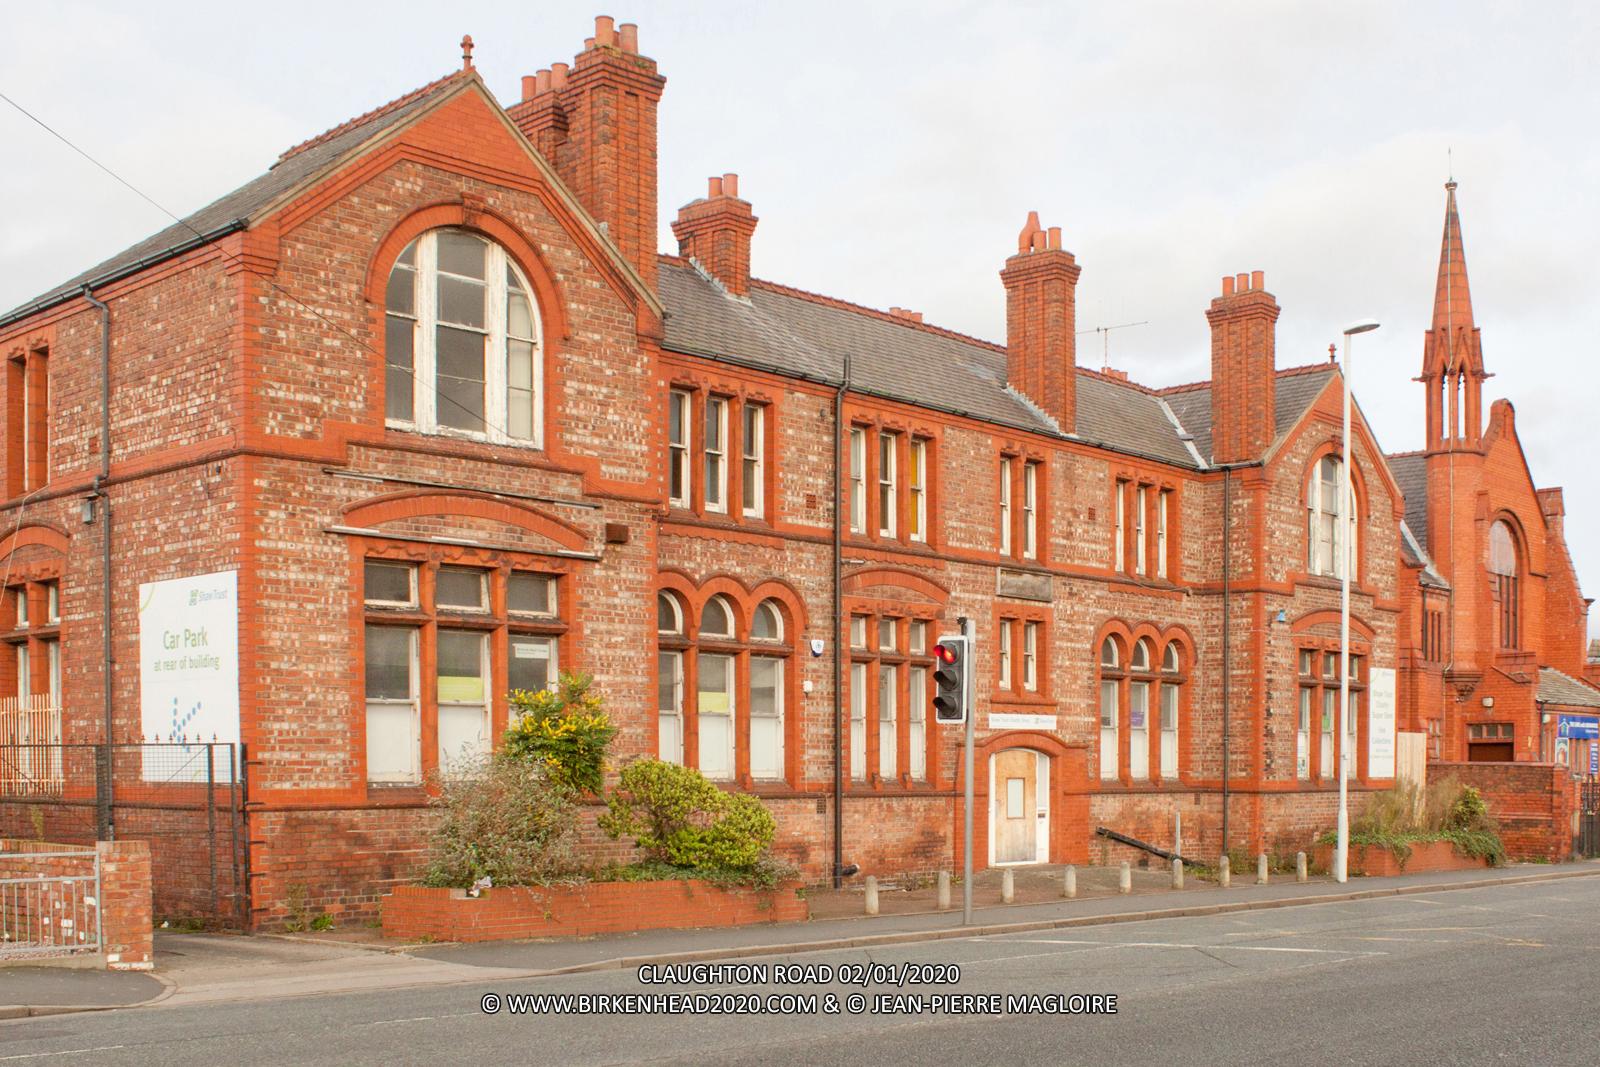 Shaw Trust_Claughton Road